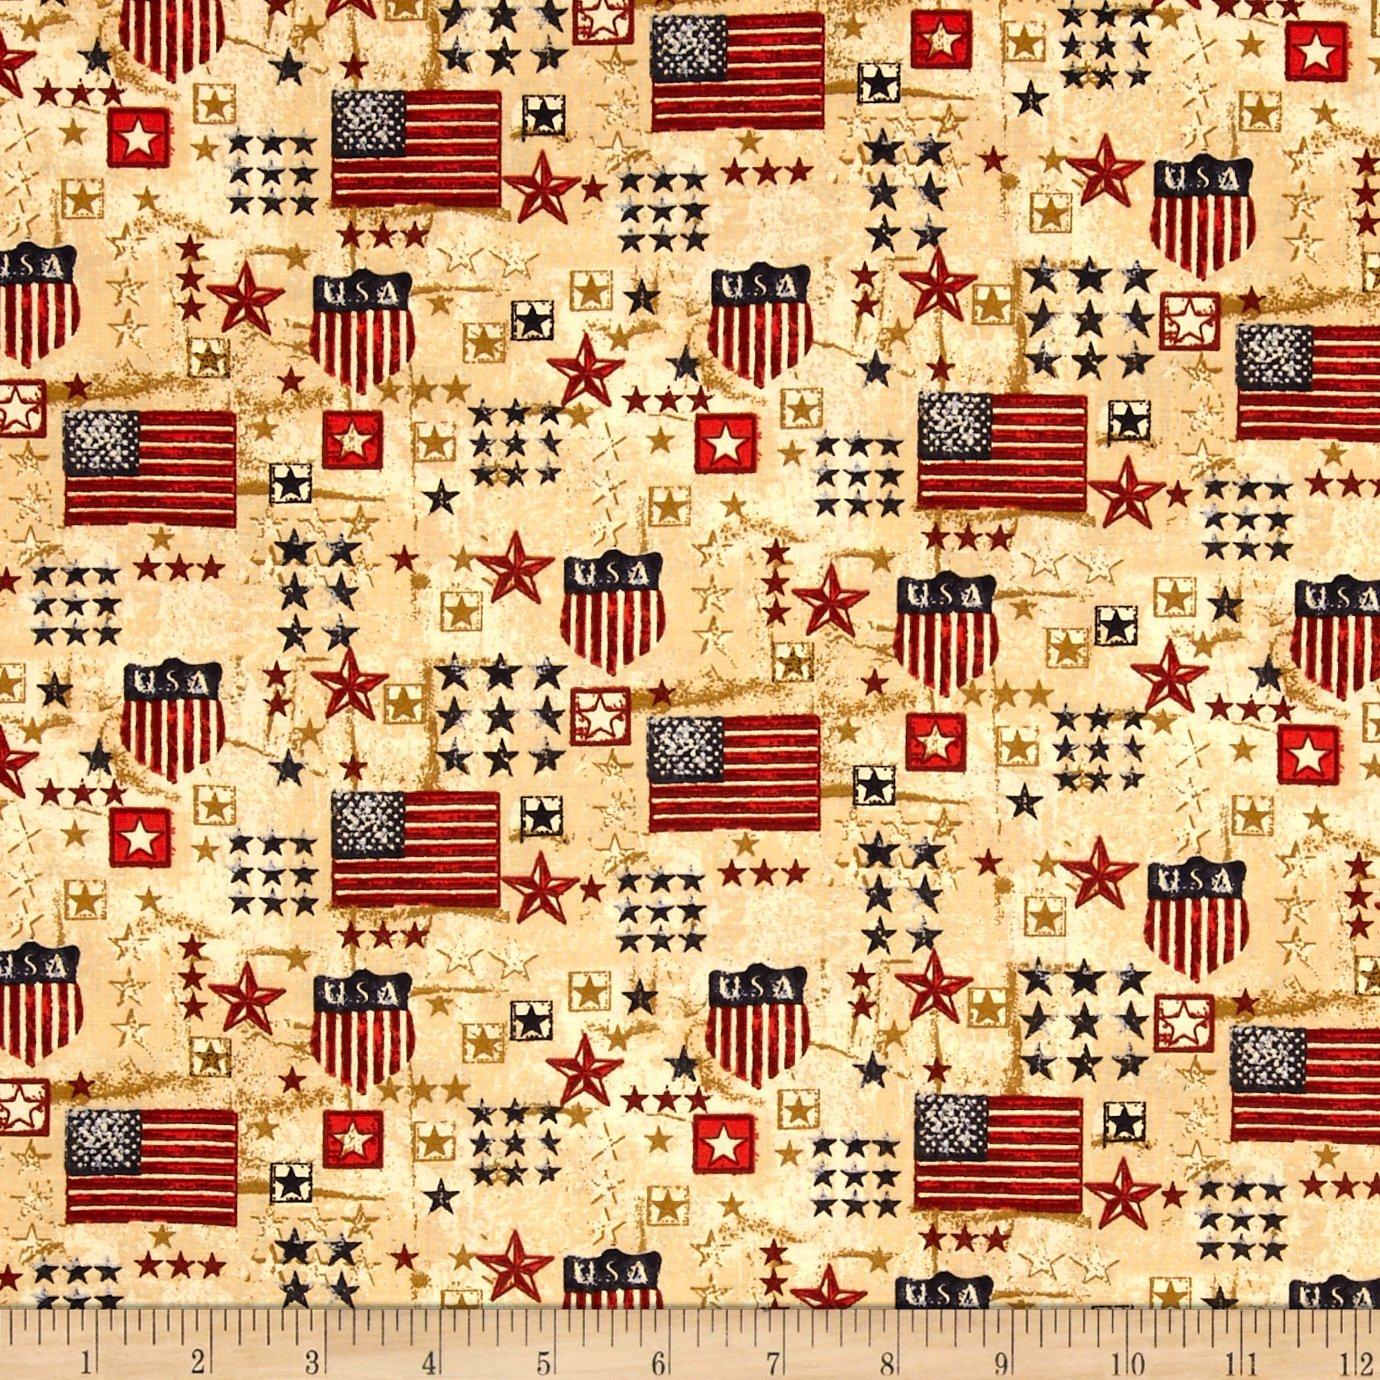 Stars & Stripes II USA Flags & Stars Red/Gold/Blue Fabric stars